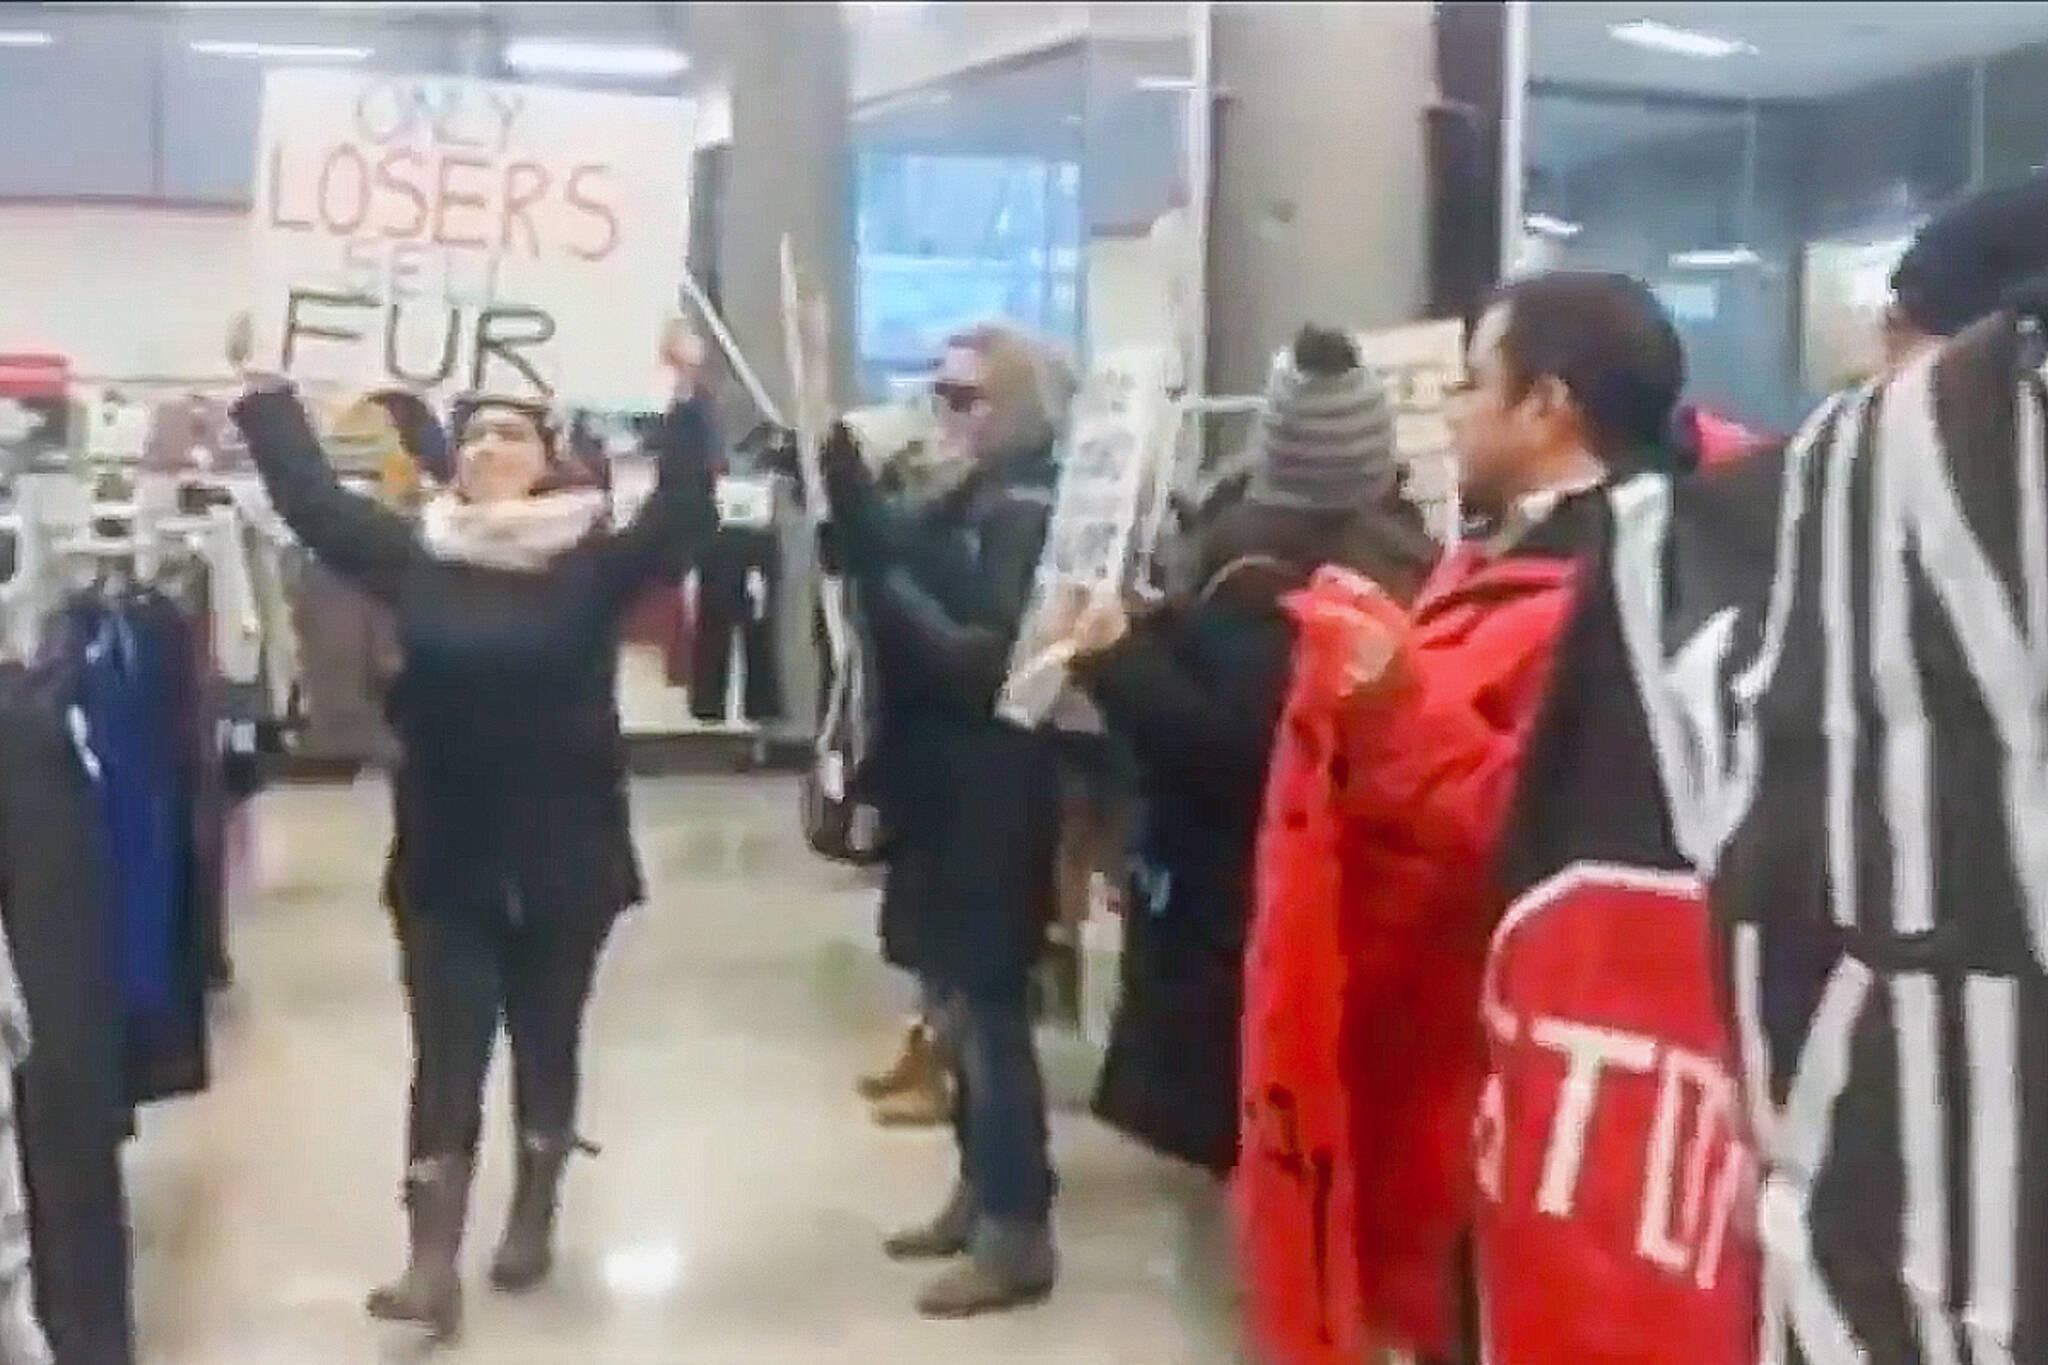 winners fur protest